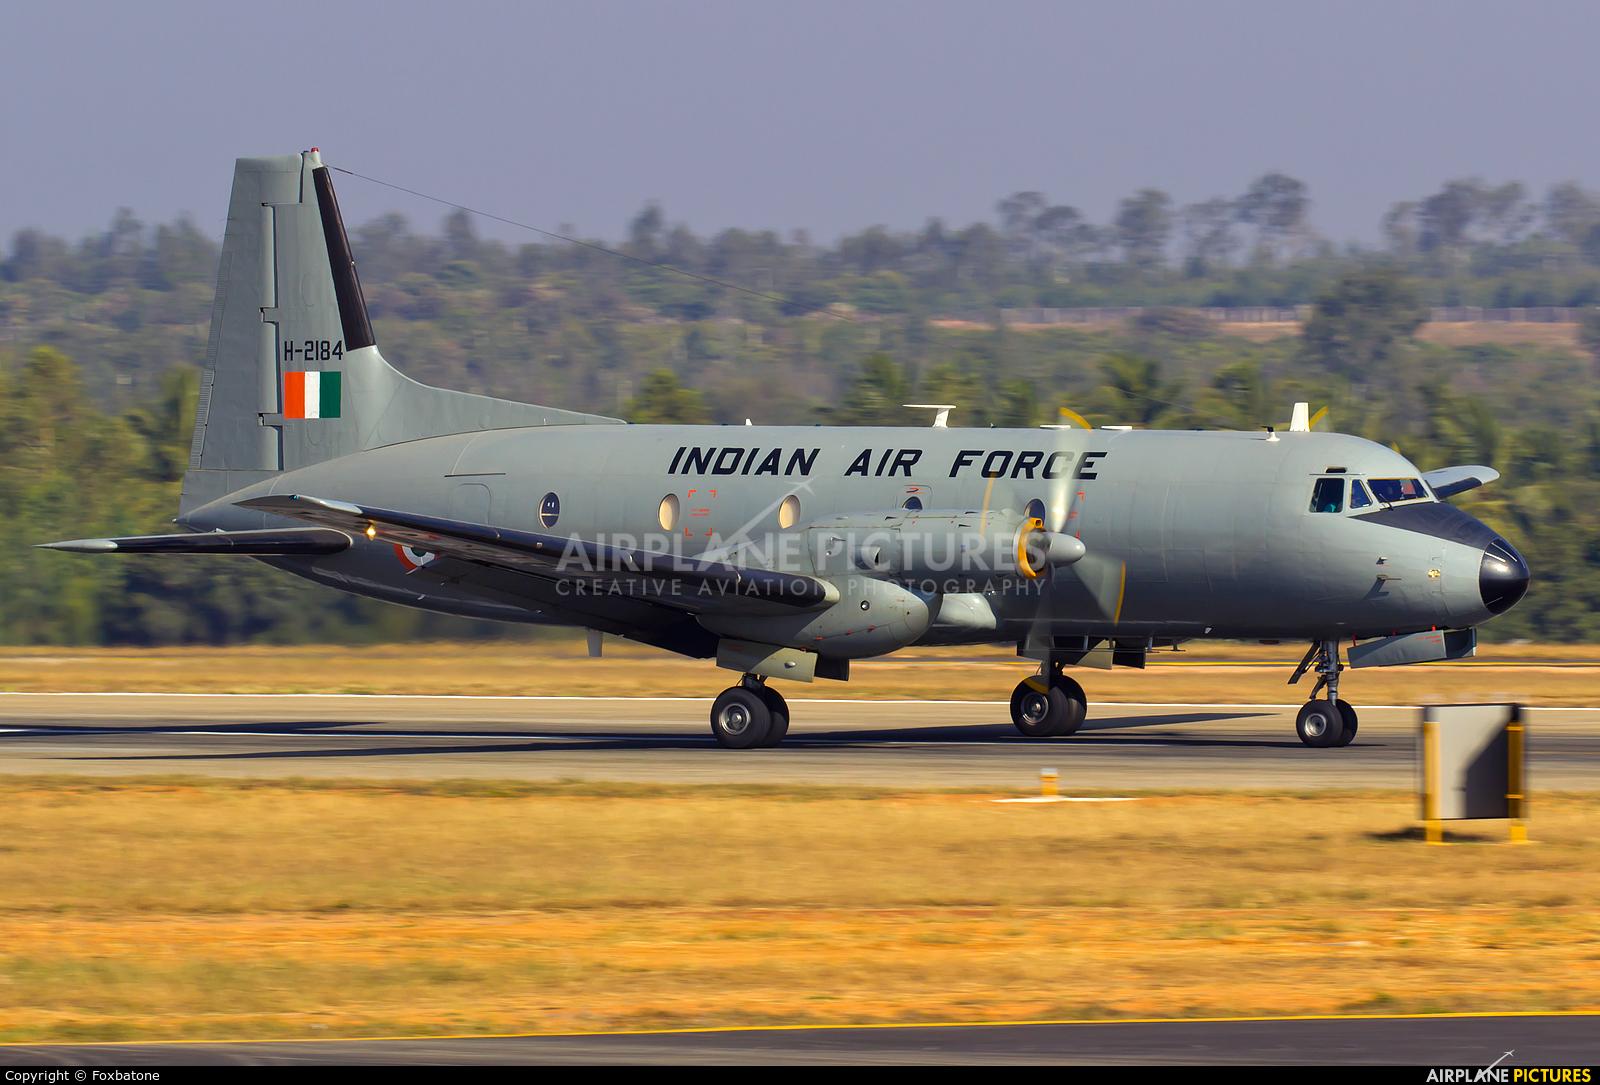 India - Air Force H-2184 aircraft at Yelahanka AFB